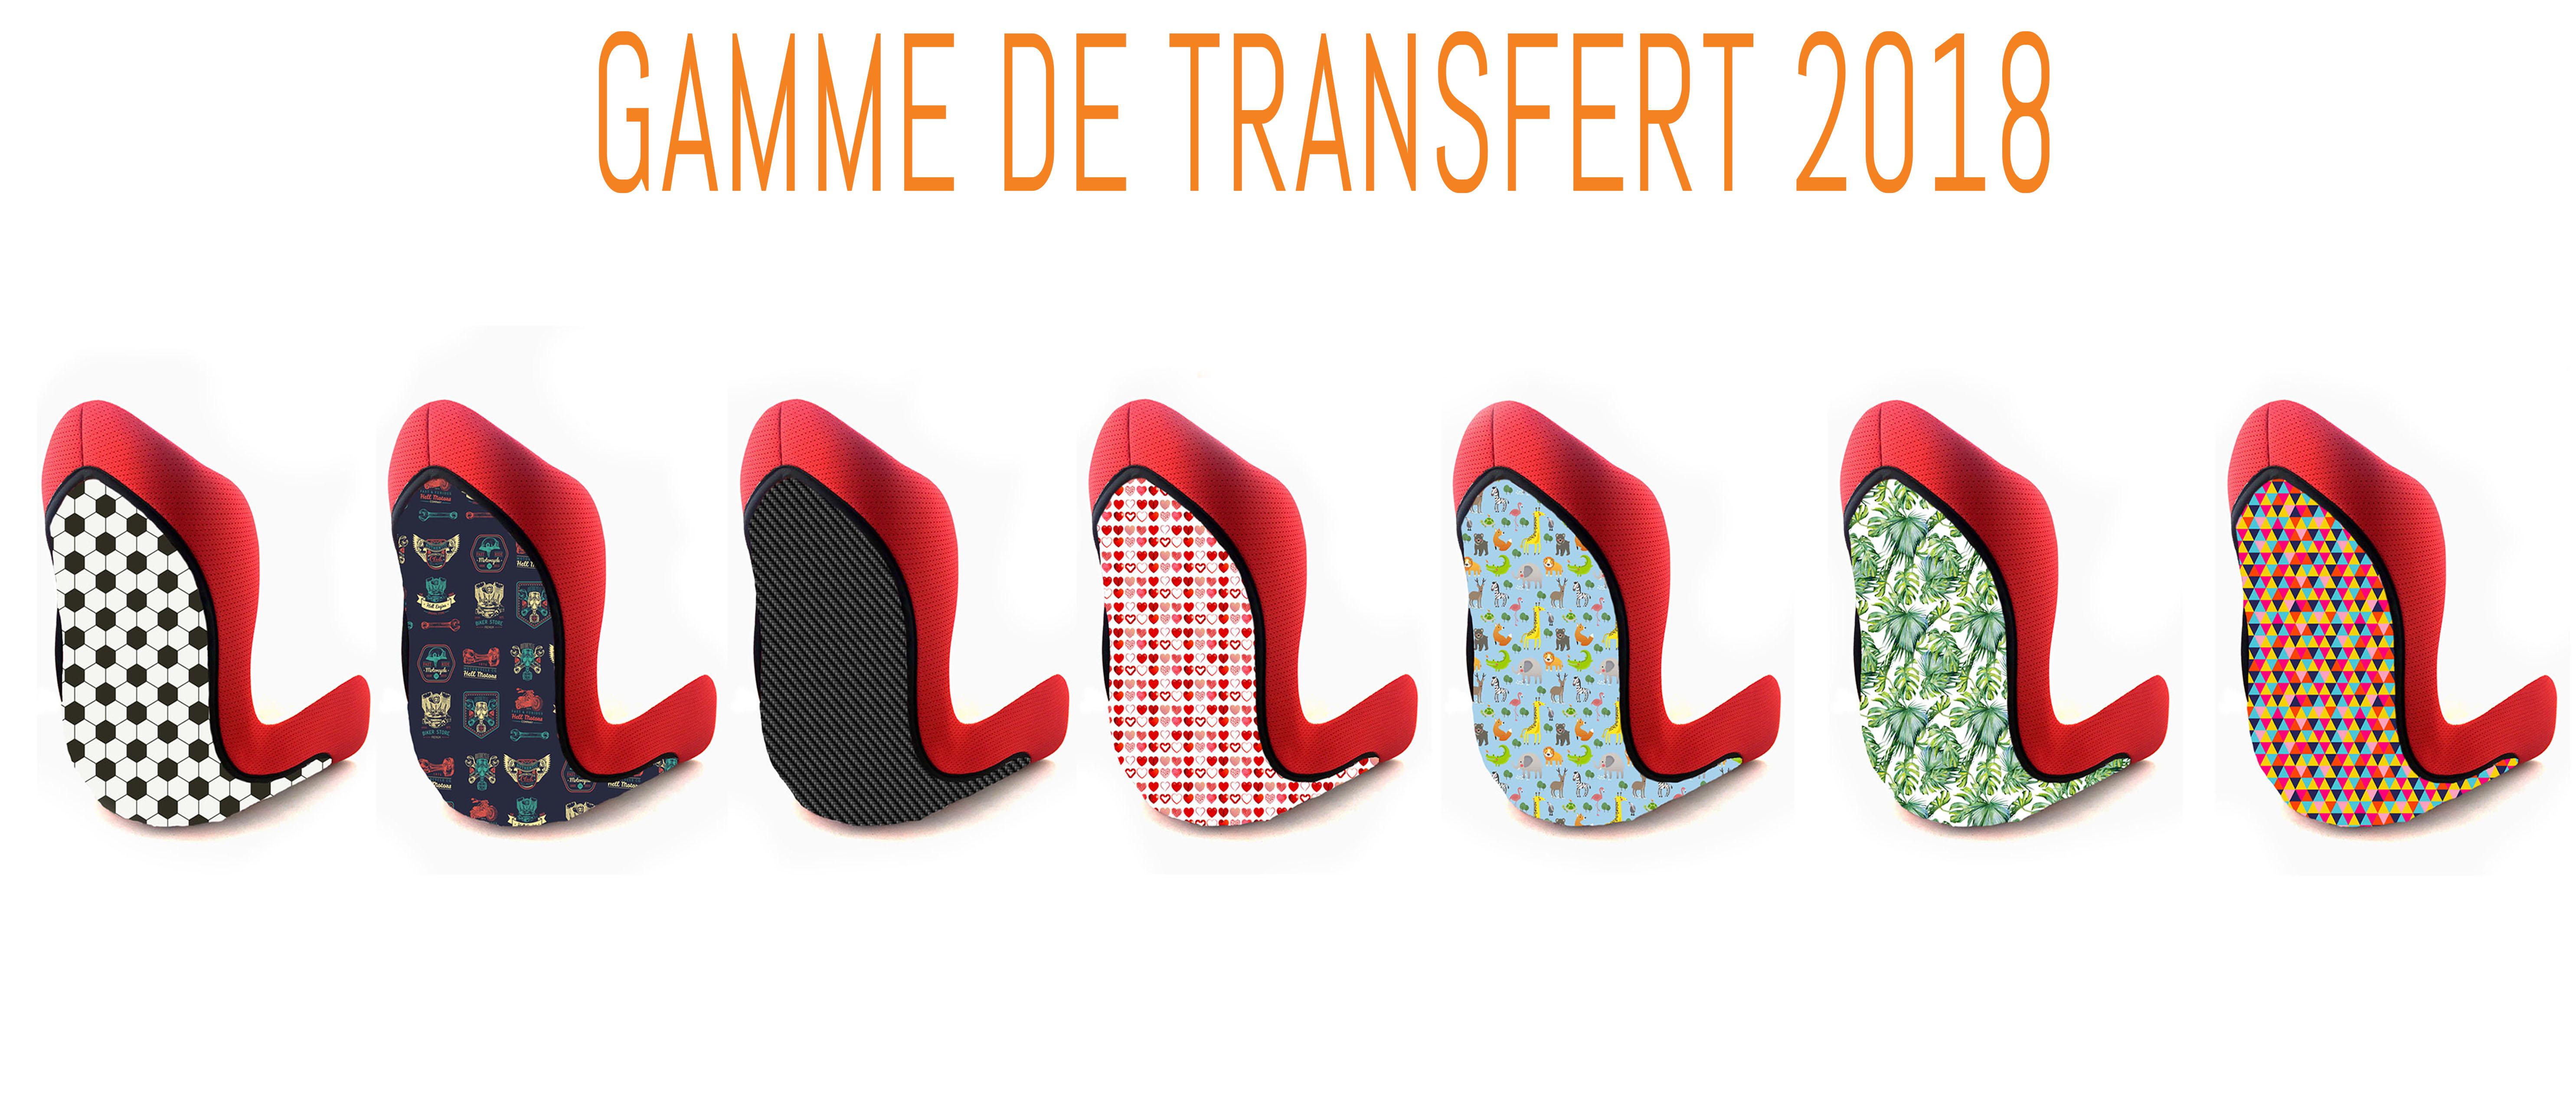 gamme_de_transfert_201820